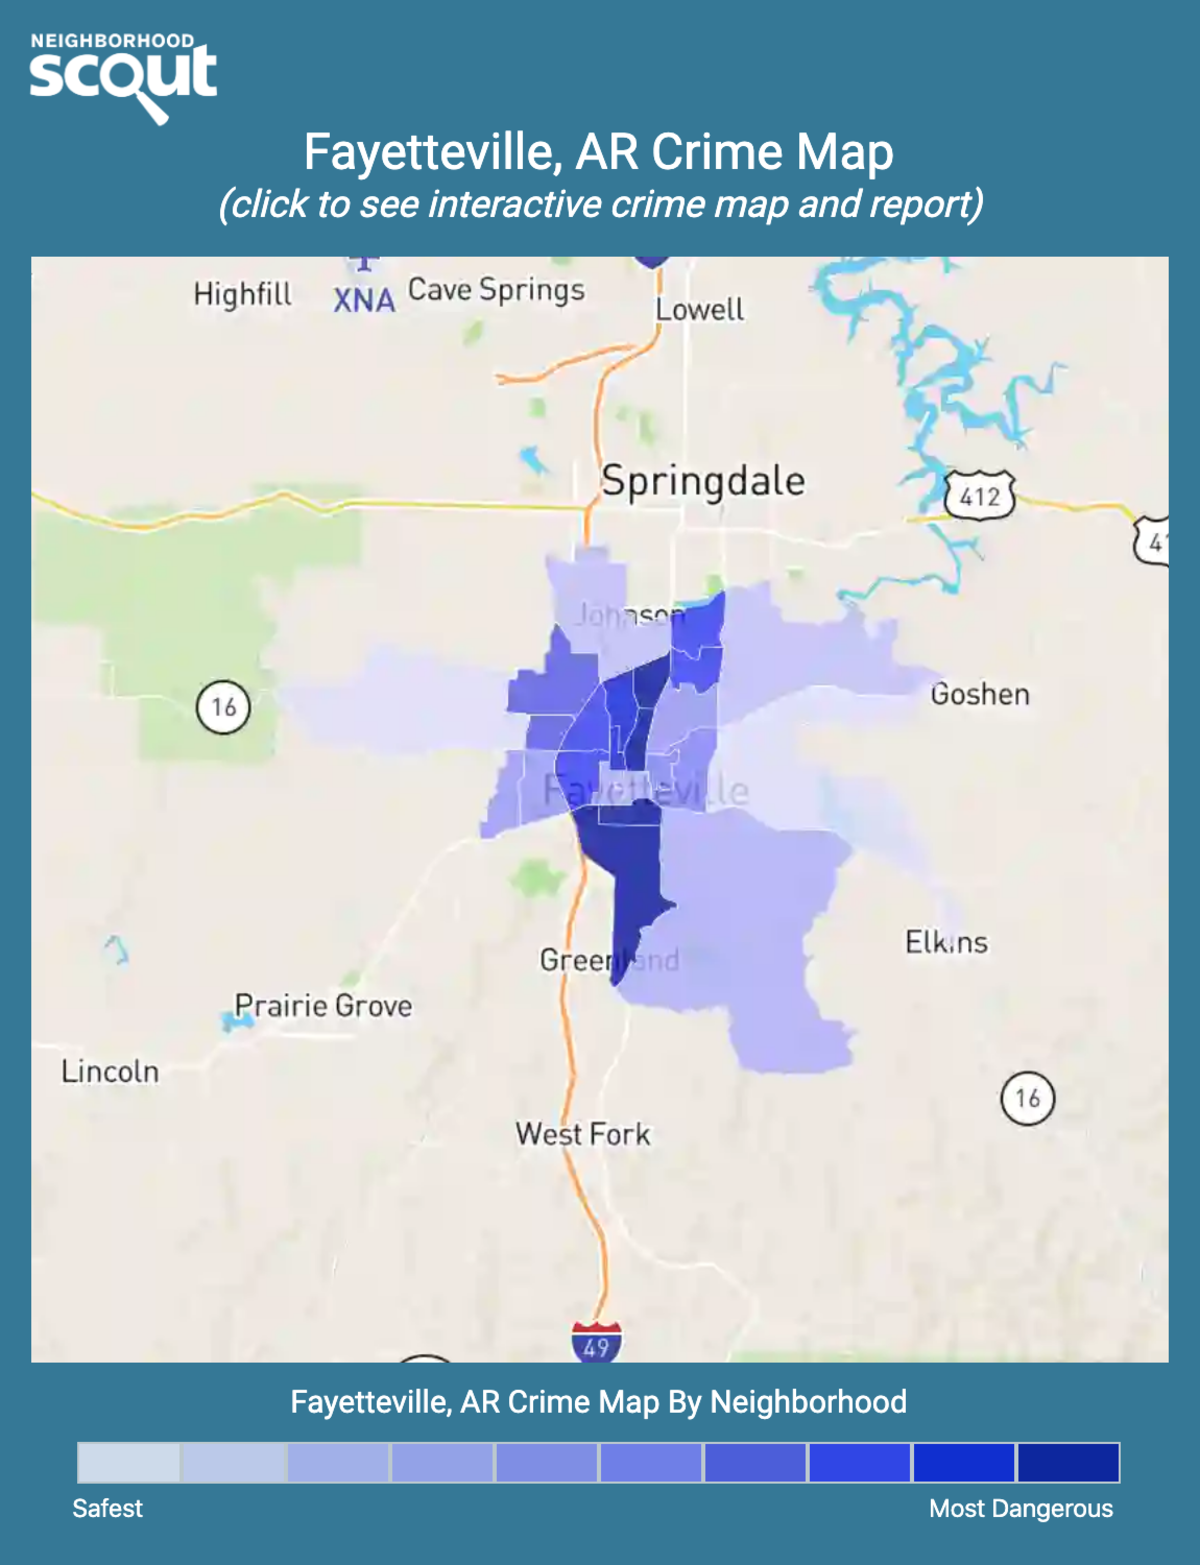 Fayetteville, Arkansas crime map